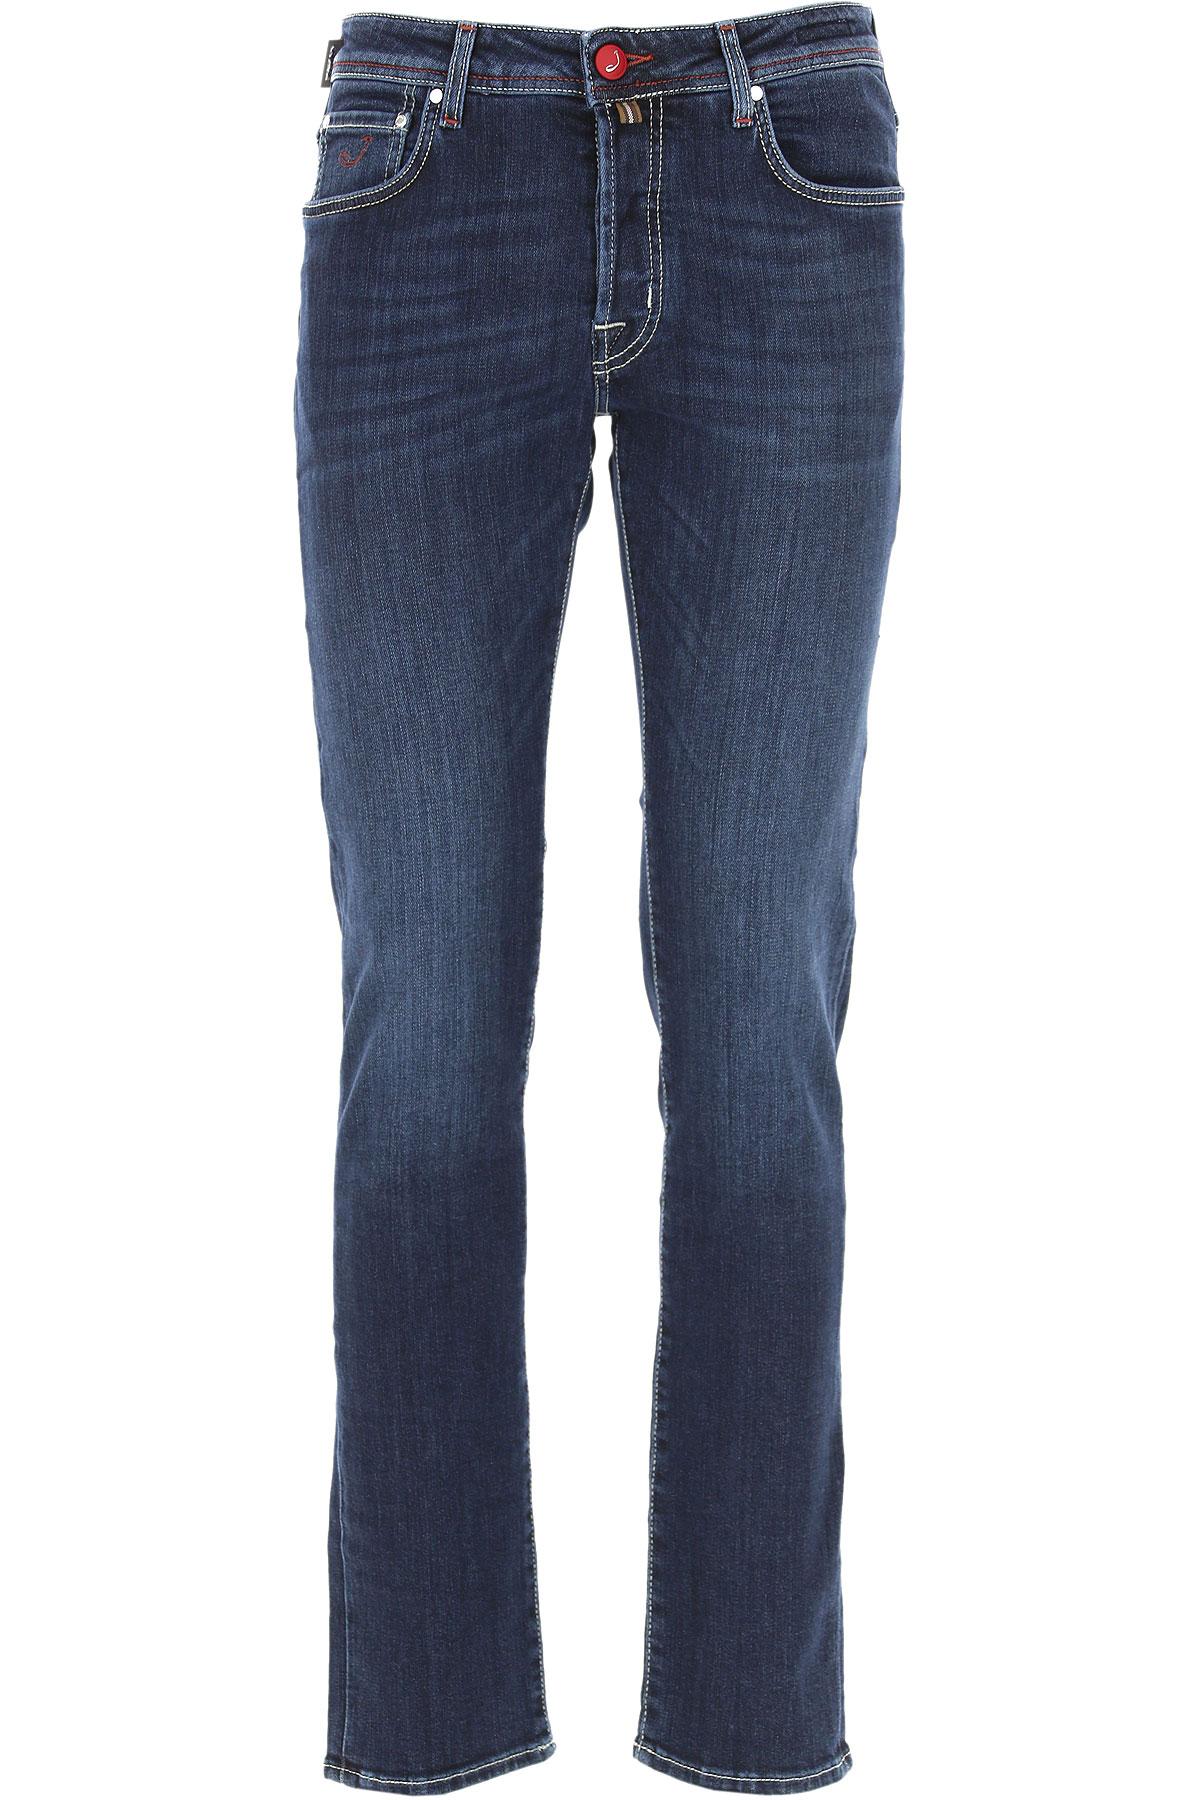 Jacob Cohen Jeans On Sale, Blue, Cotton, 2019, 33 35 36